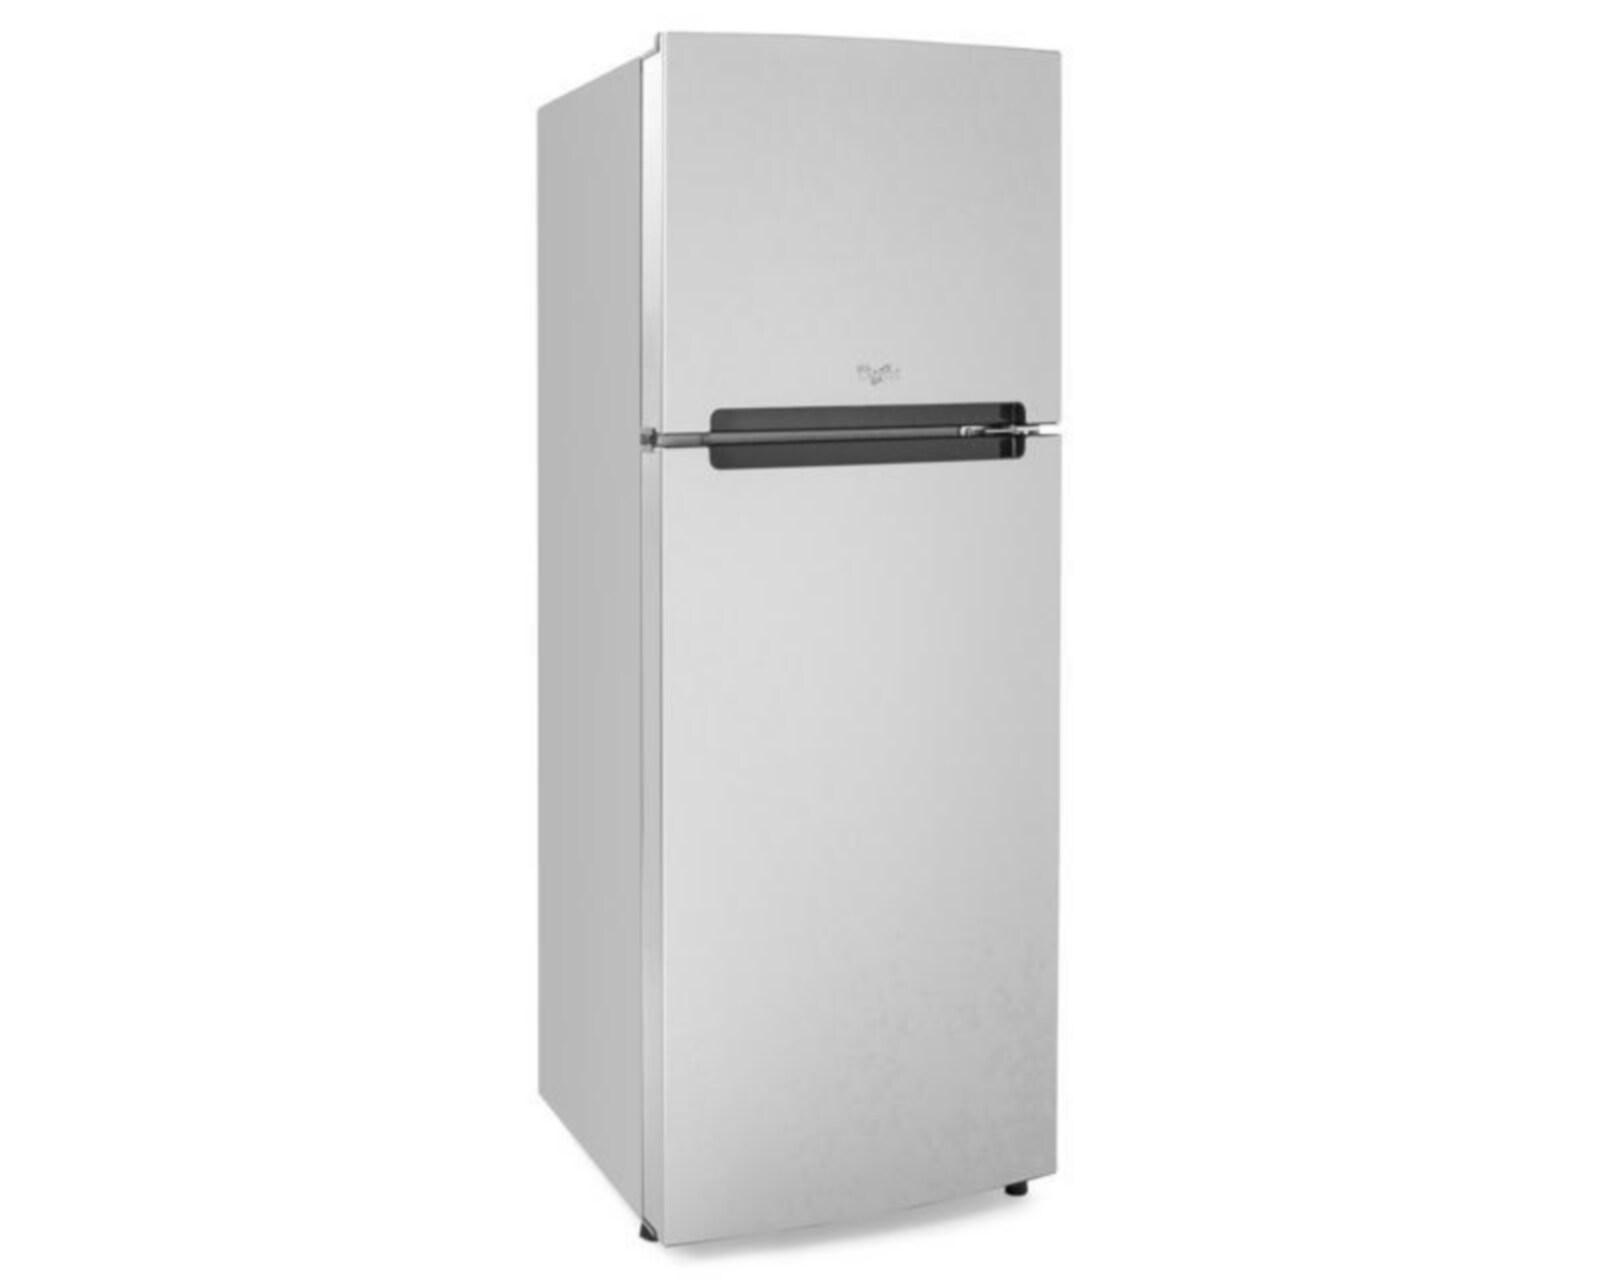 Refrigerador whirlpool top mount wt2211d de 12 pies for Refrigerador whirlpool